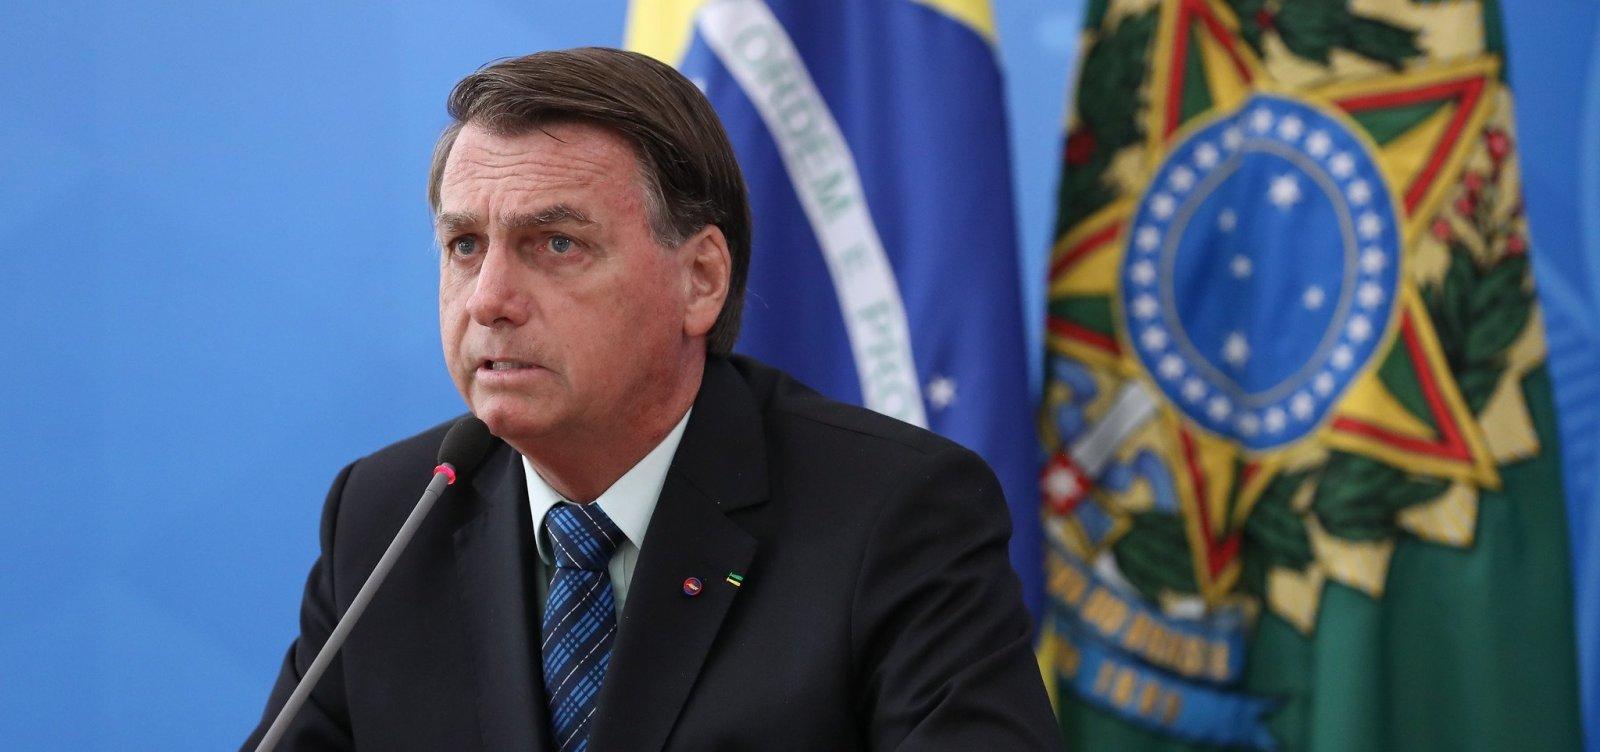 [Observatório dos Direitos Humanos aponta que Brasil restringiu acesso a informações da pandemia]